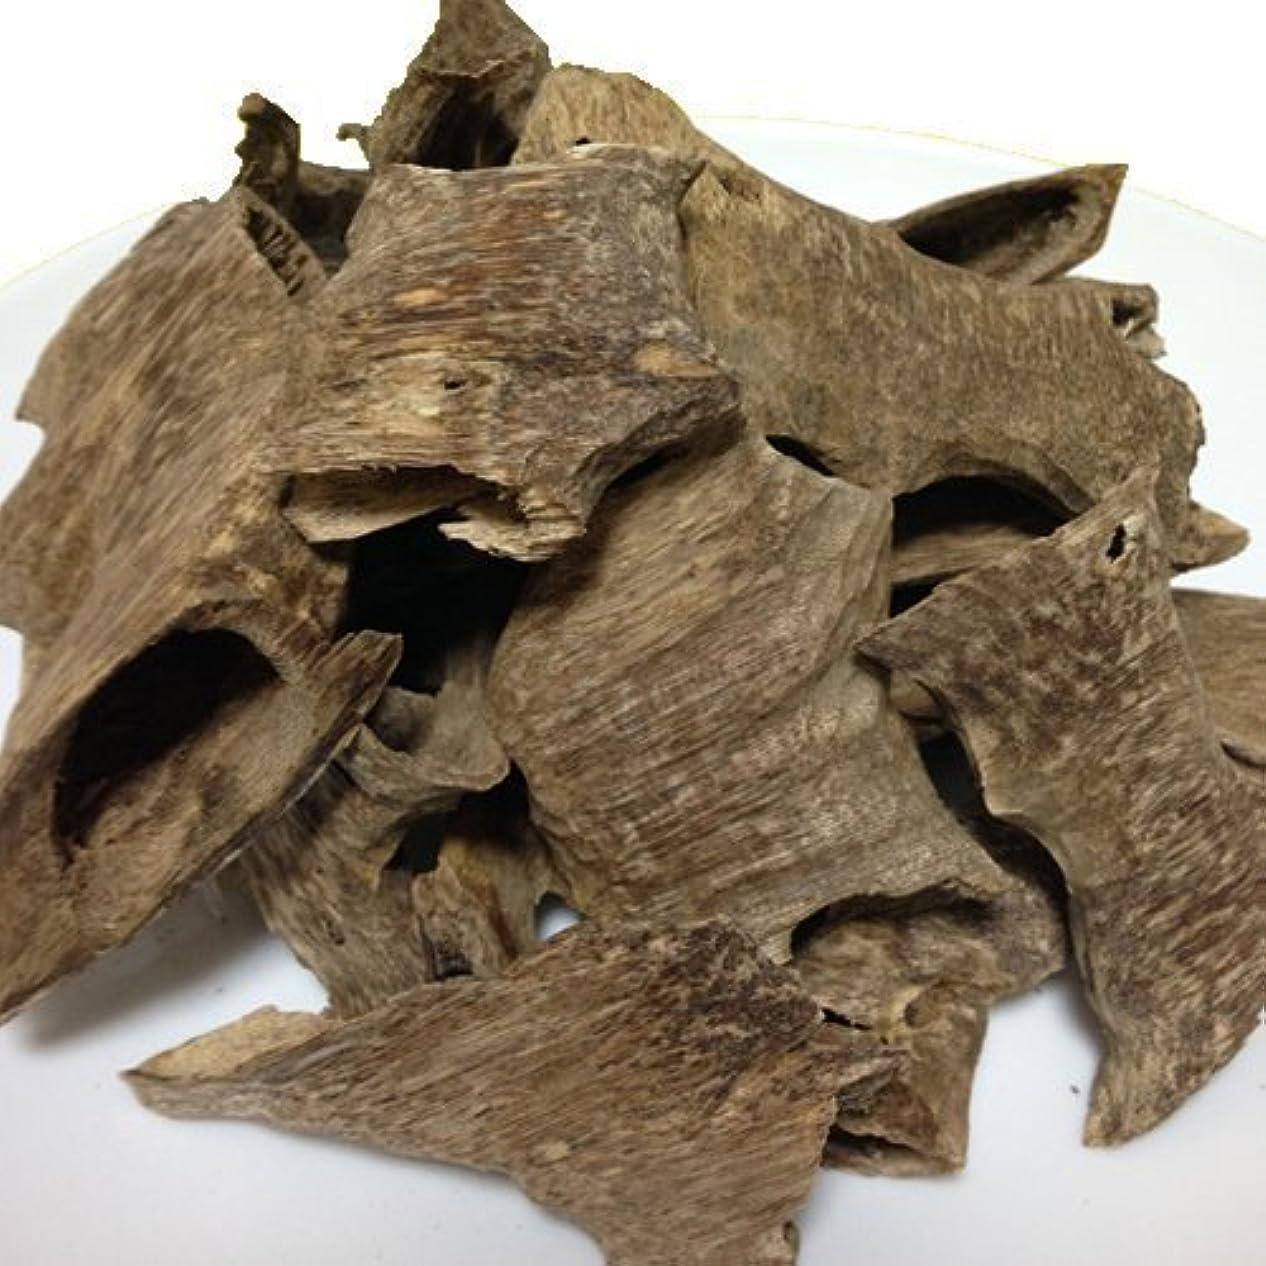 閲覧するまだら期限[ Vietnam market ] Agarwood Chips (Aloeswood Agalloch Eaglewood) From Vietnam 3.5 Oz by Vietnam market [並行輸入品]